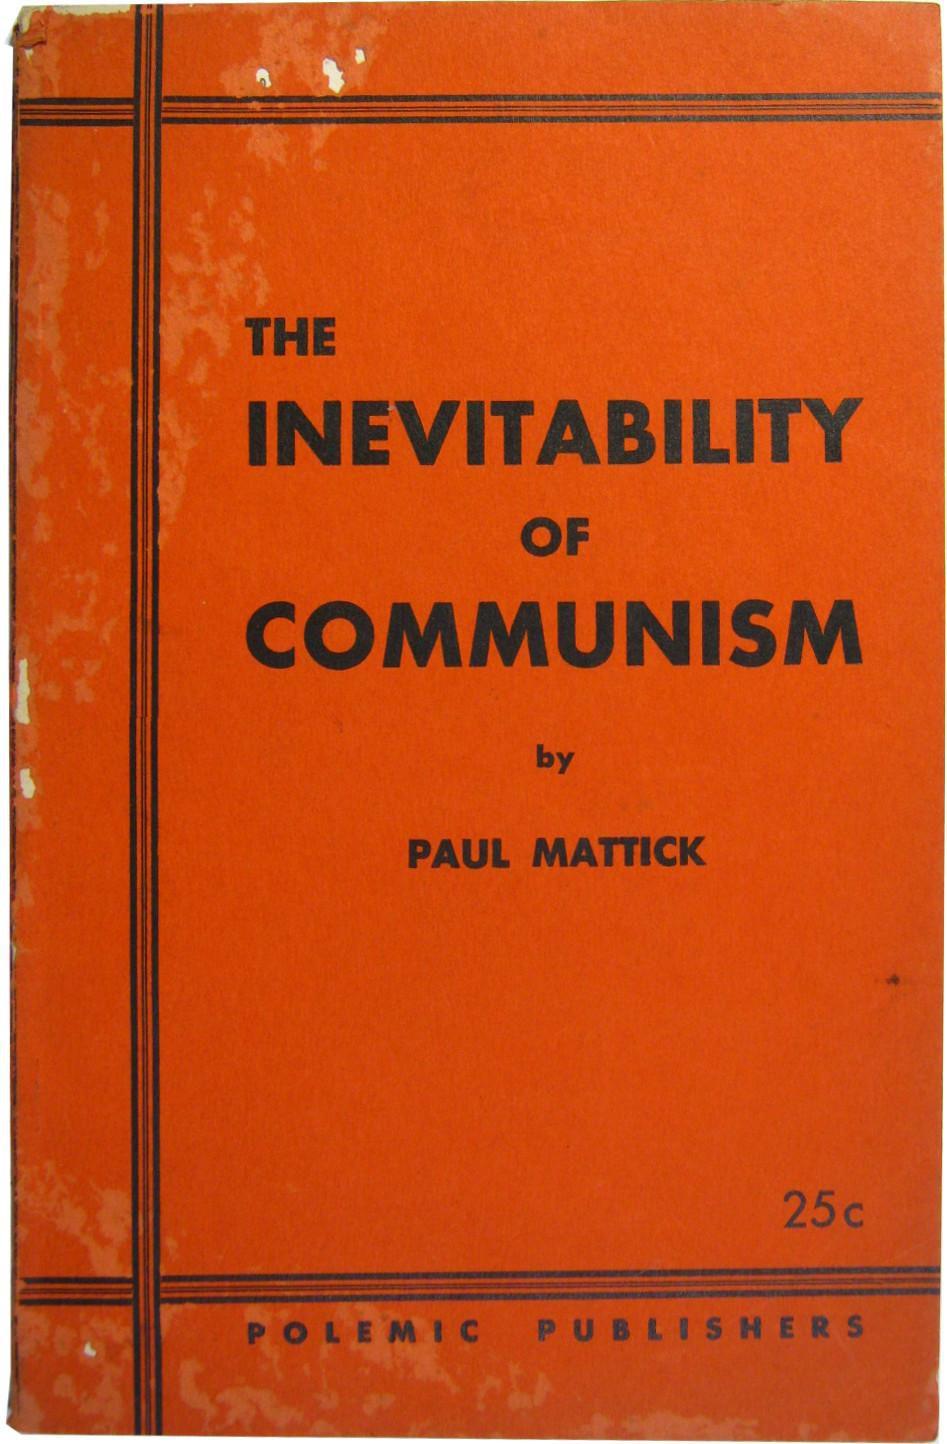 Paul Mattick  Le caractère inéluctable  du communisme (1936)